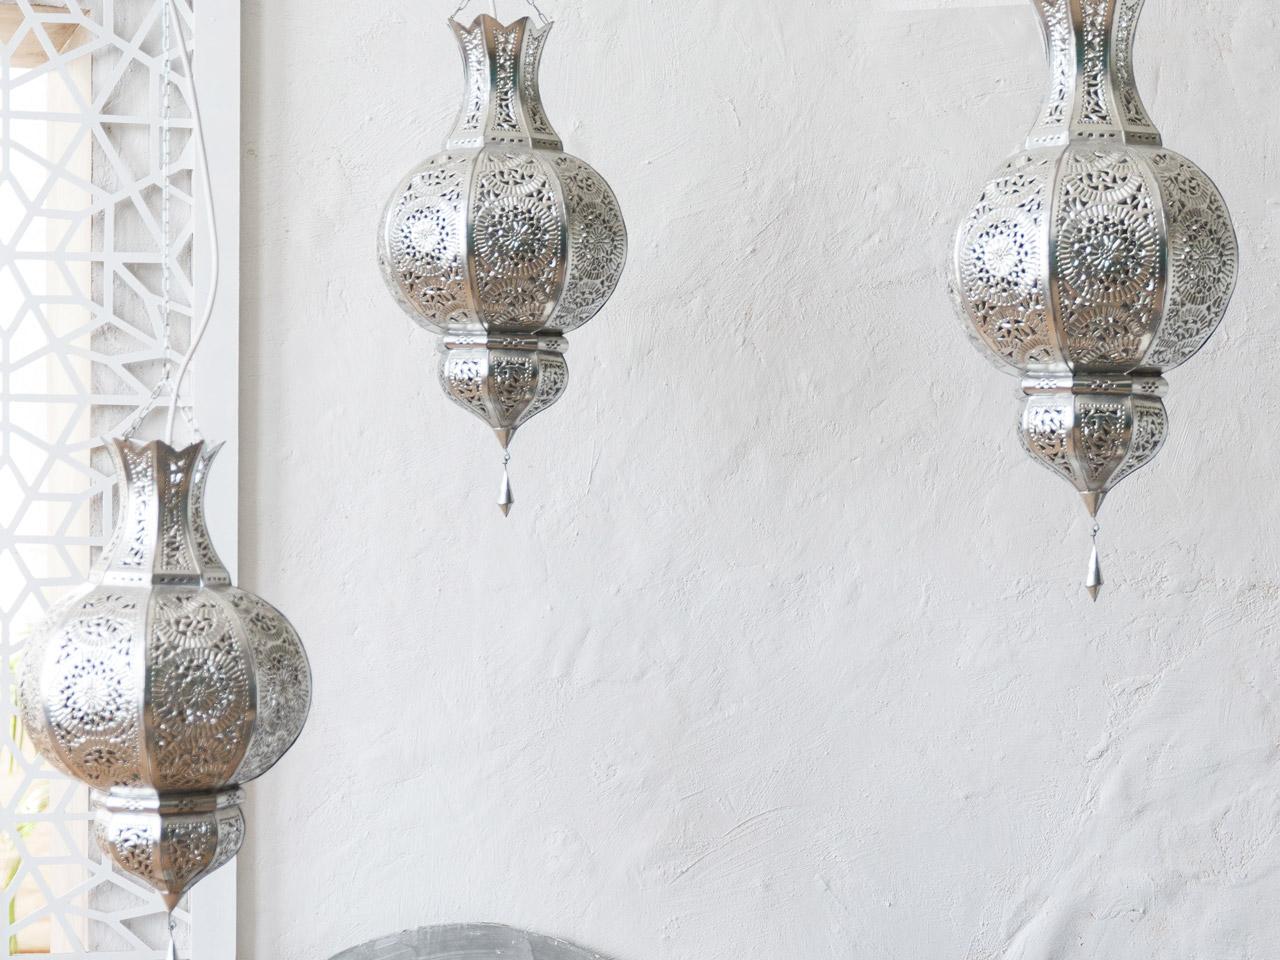 Lampen mit orientalischem Muster